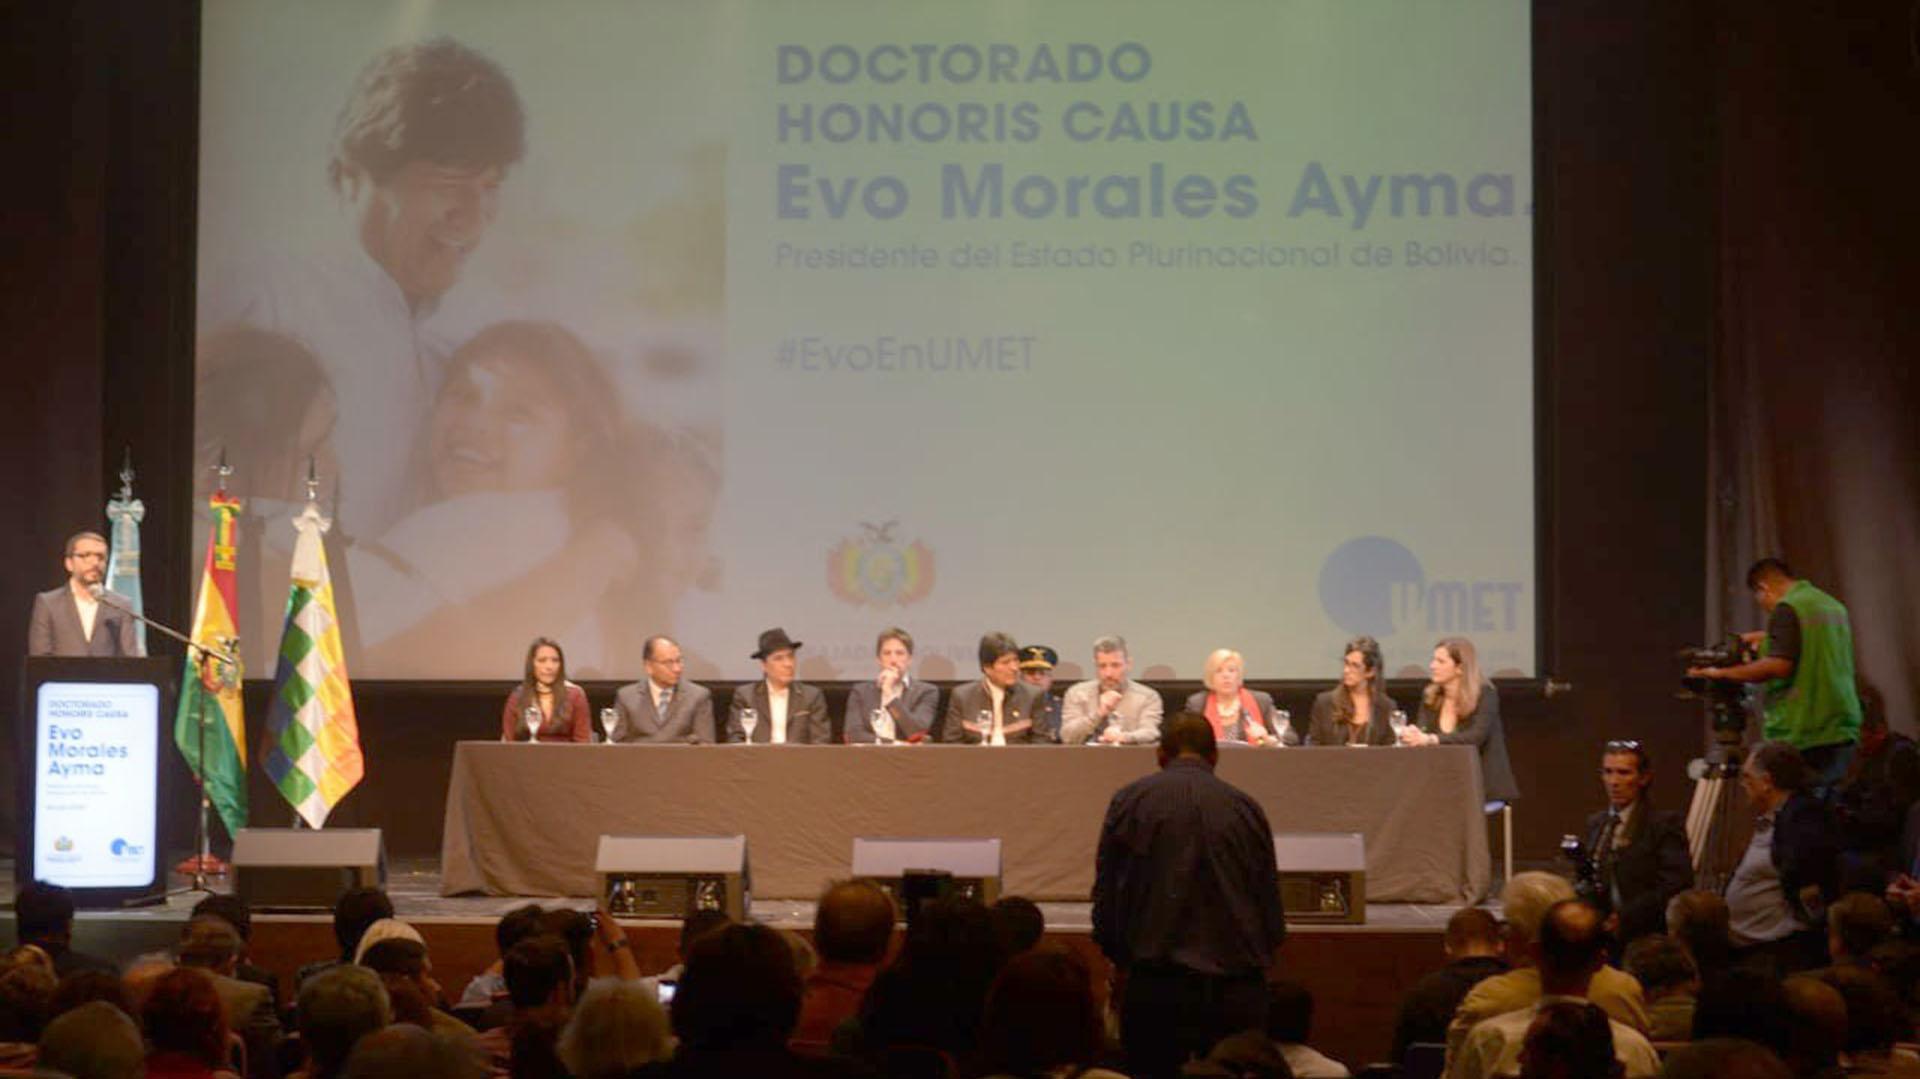 Acto de entrega del Doctorado Honoris Causa al presidente de Bolivia